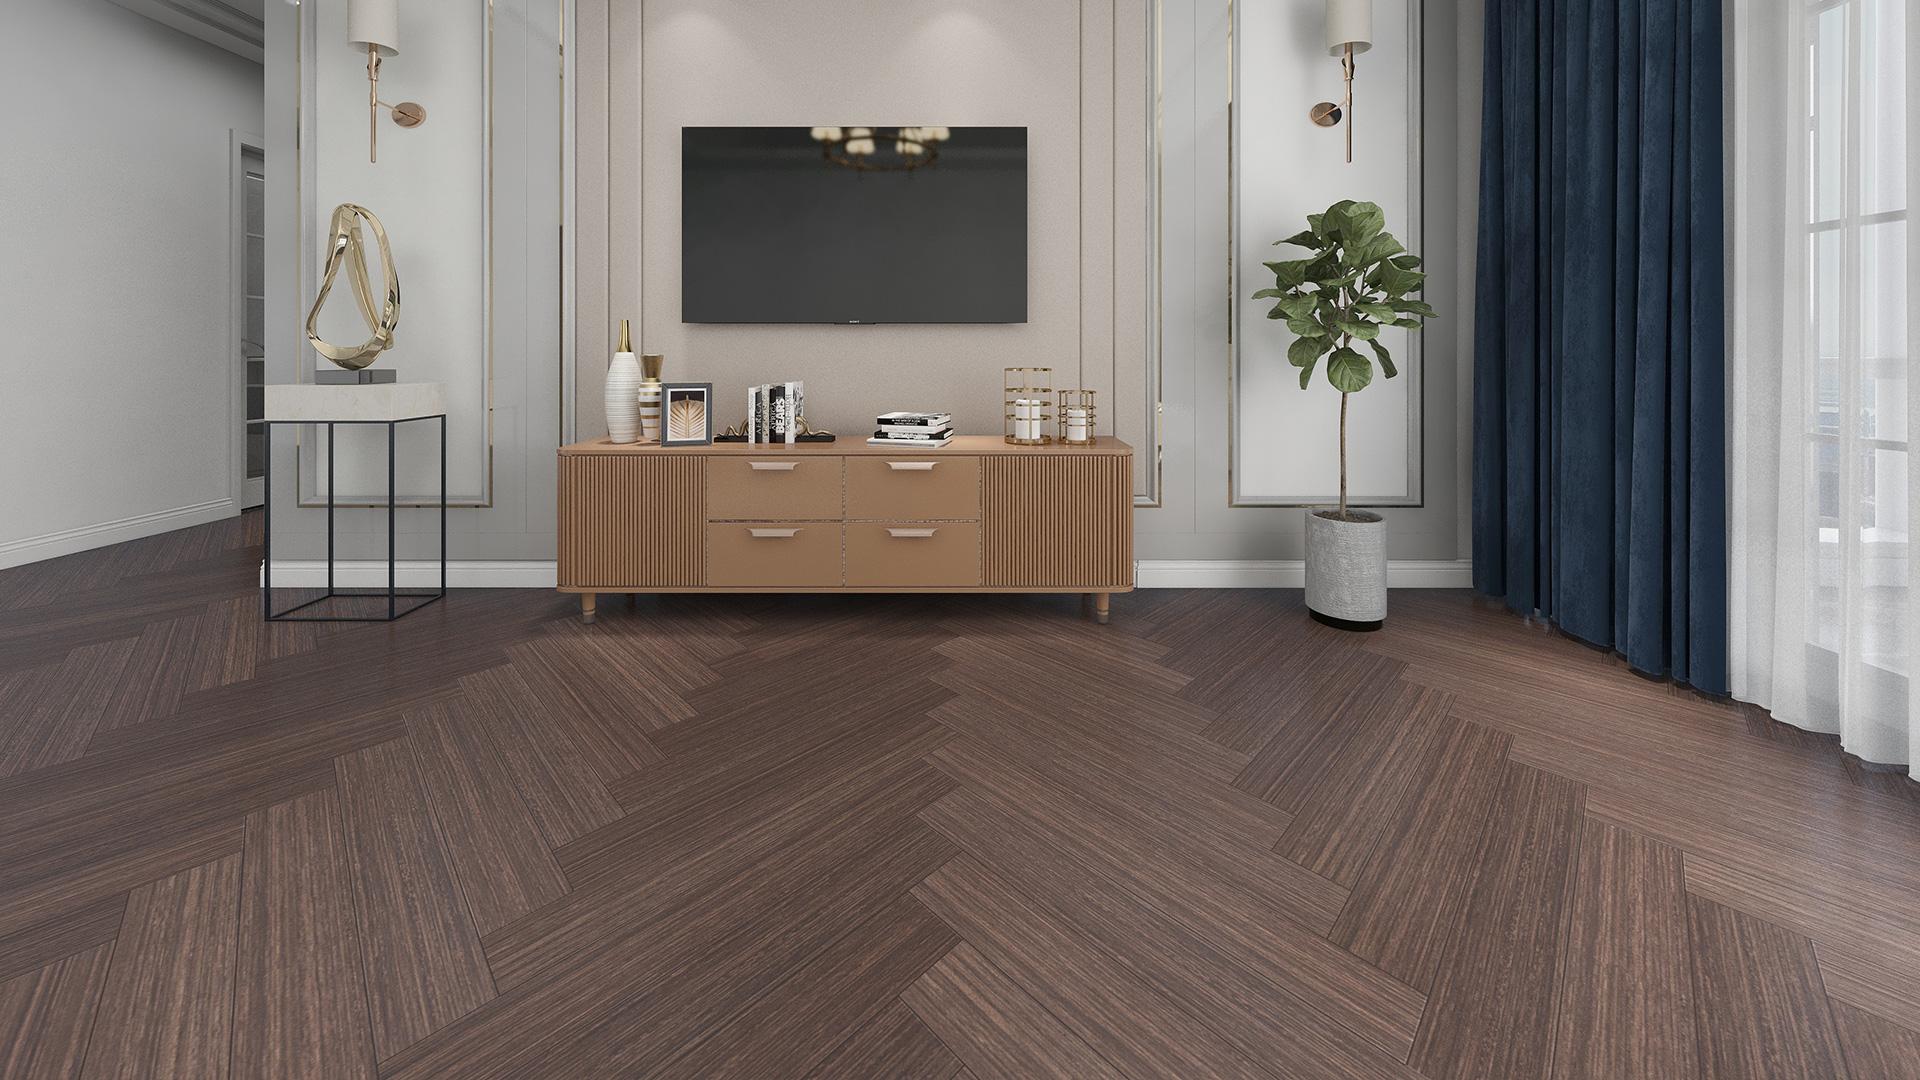 比利时PAR-KY高科技实木复合地板,浅棕桦木拼花